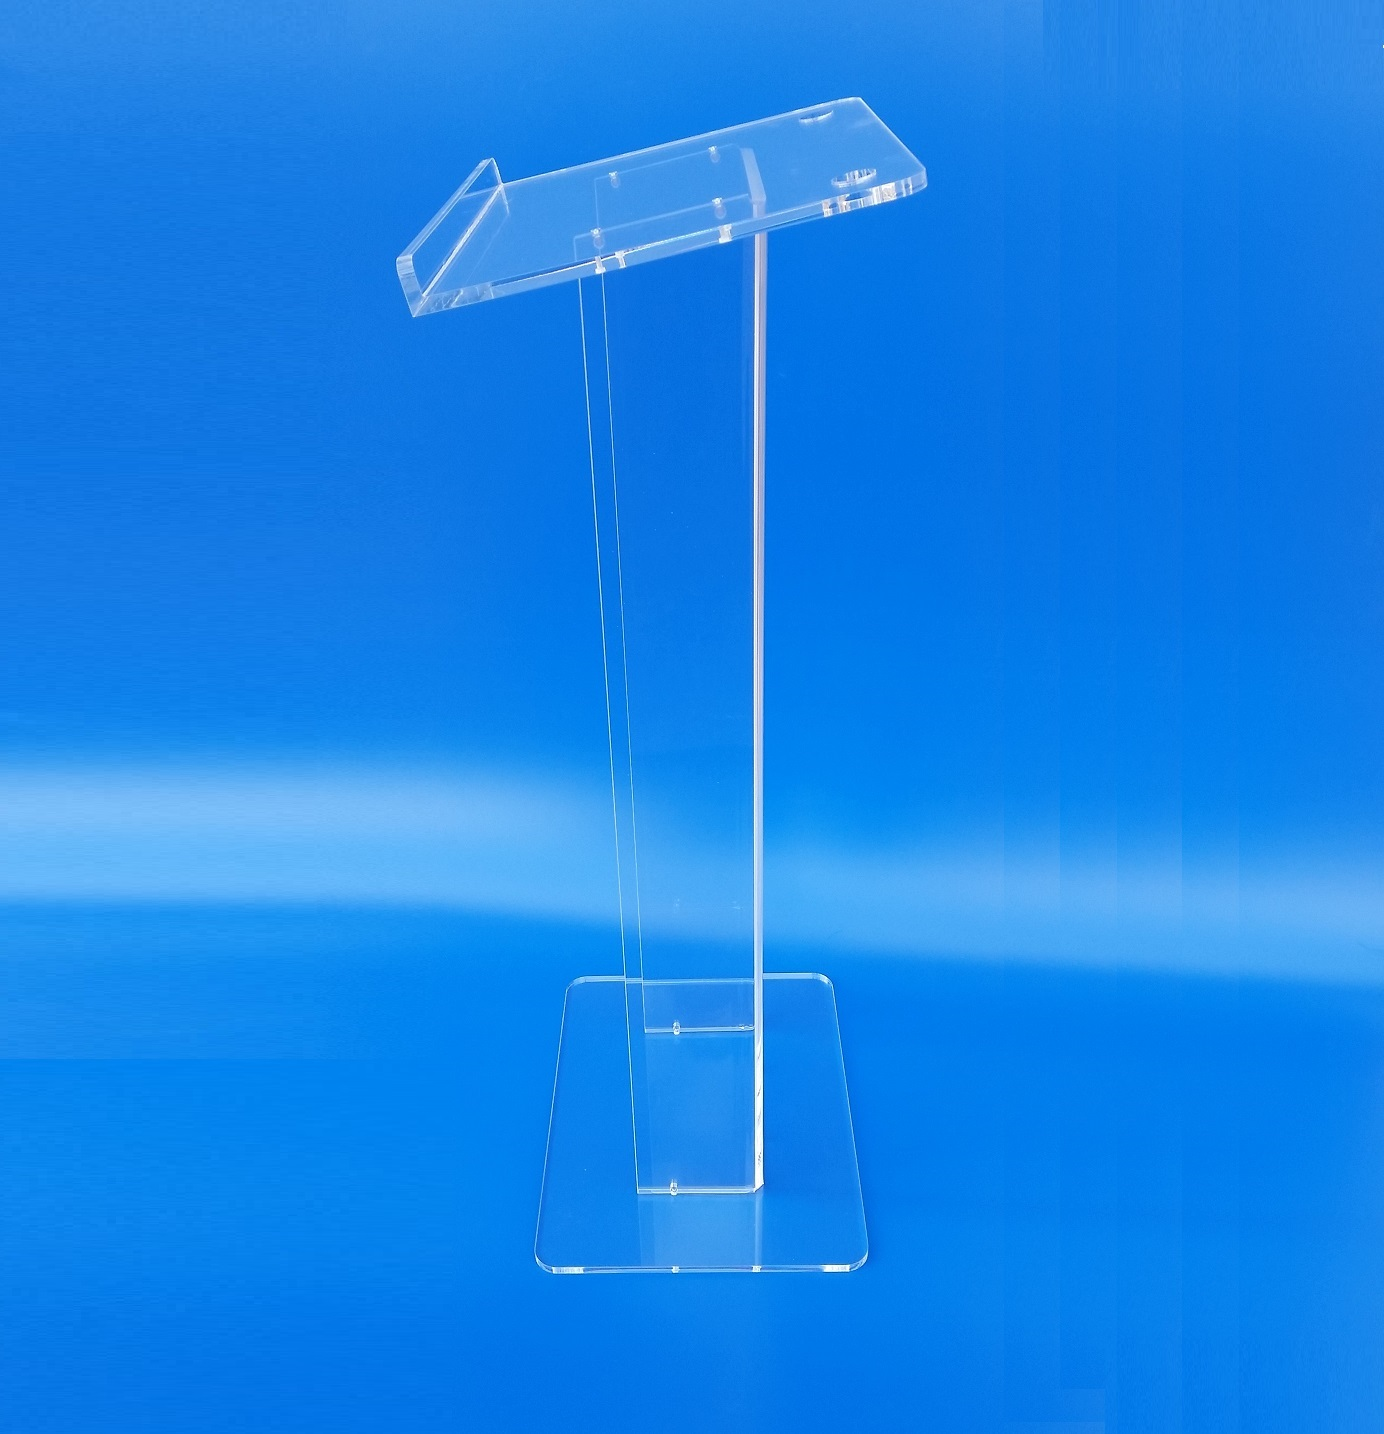 Leggio Da Terra Plexiglass.Leggio In Plexiglass Trasparente Da Terra Smontabile Taglio Laser